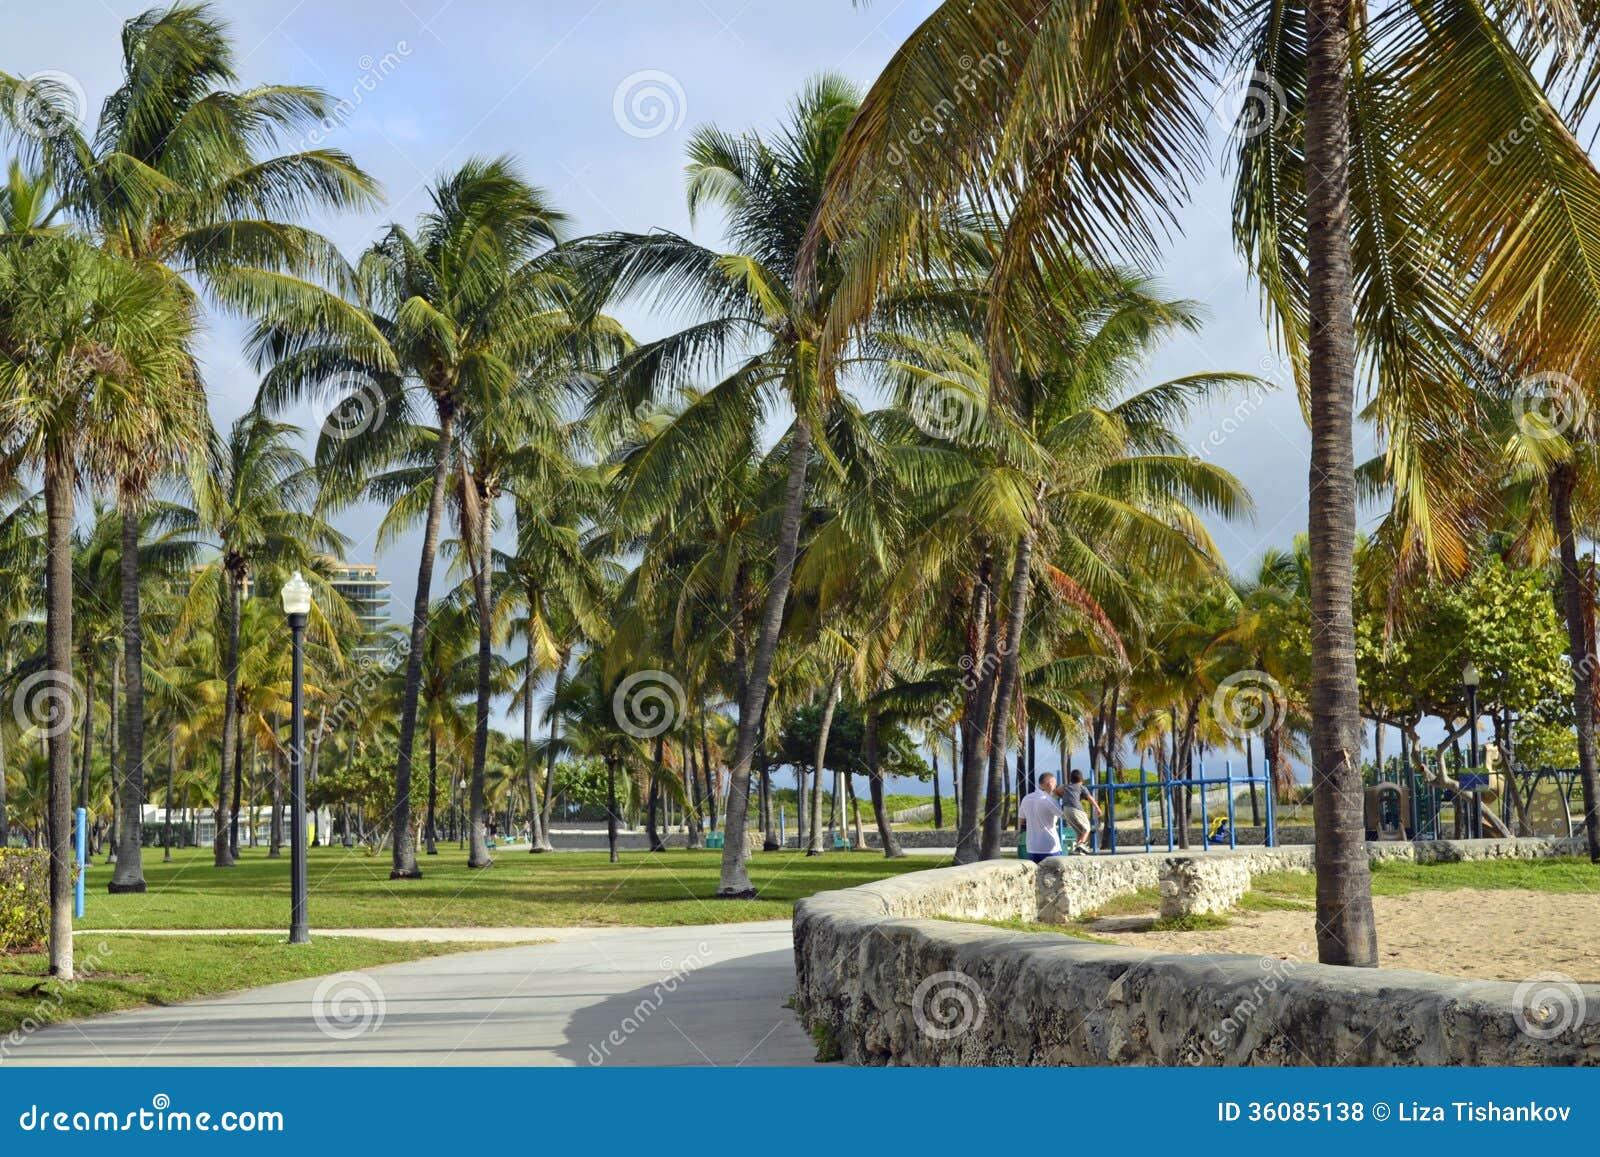 Lummus Park South Beach Miami Royalty Free Stock Photos Image 36085138